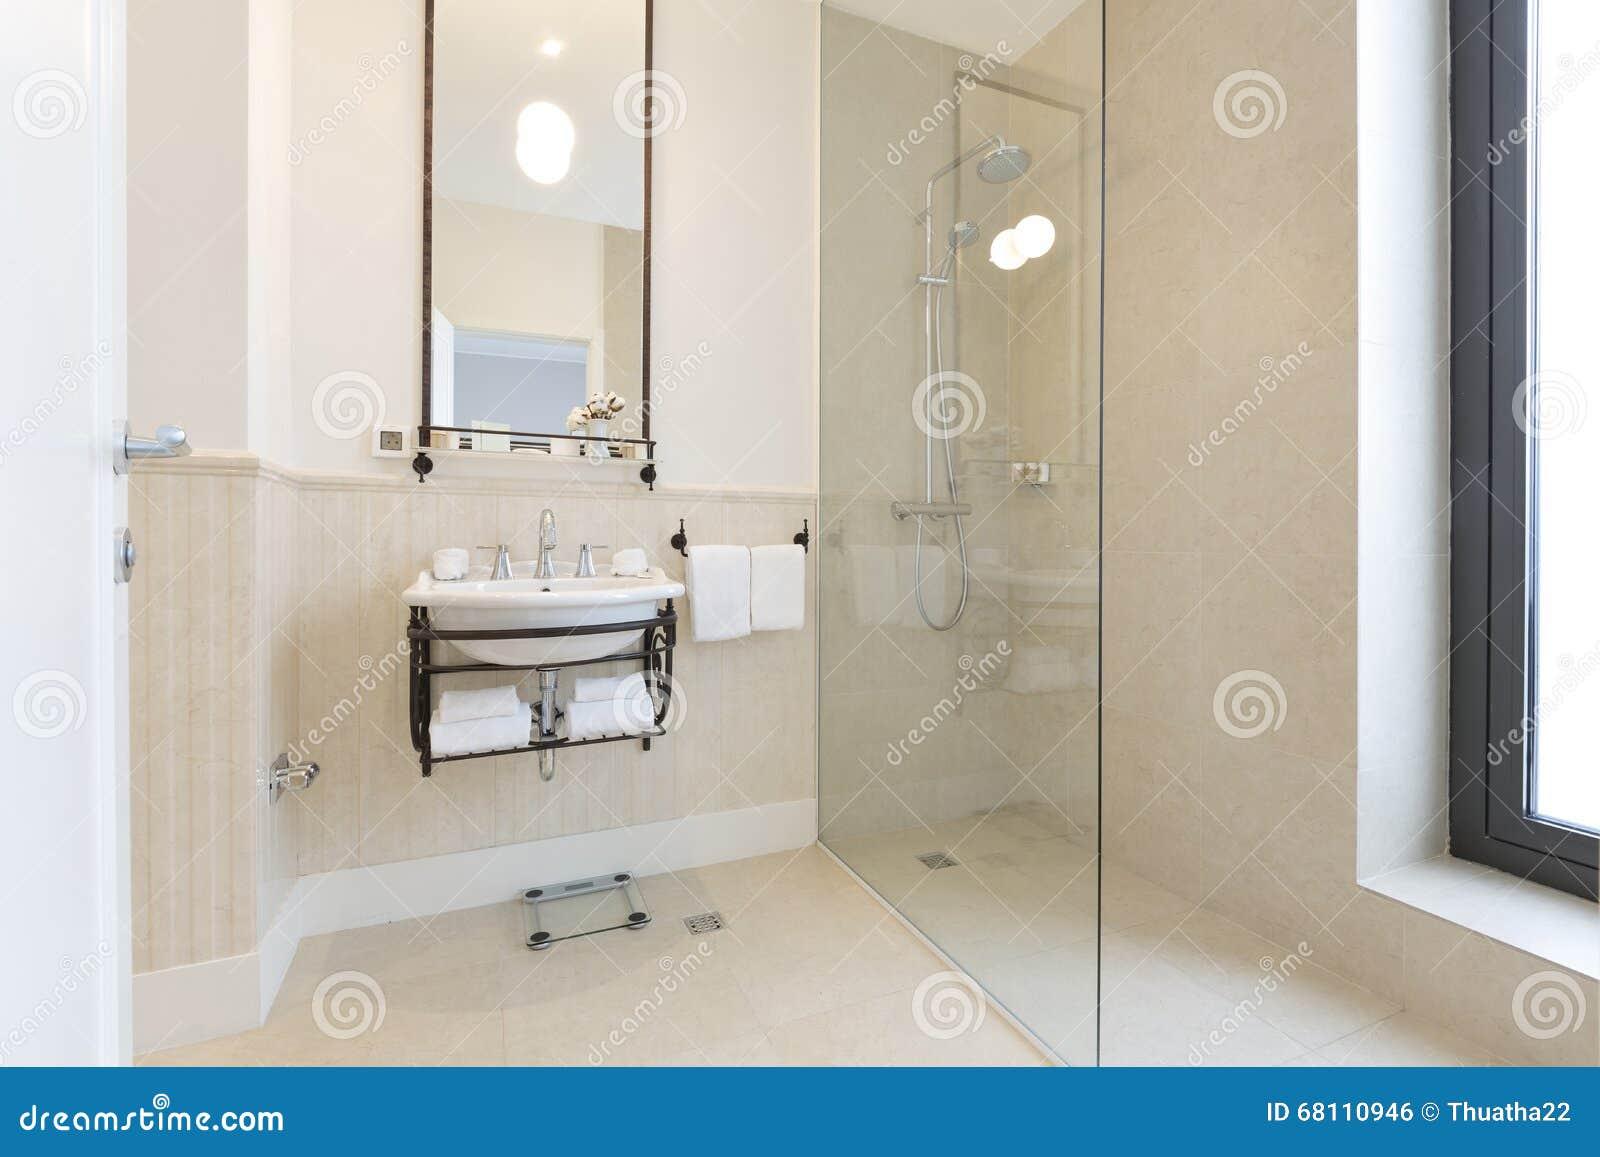 Moderne badkamer in blauw en grijze tinten met douchecabine